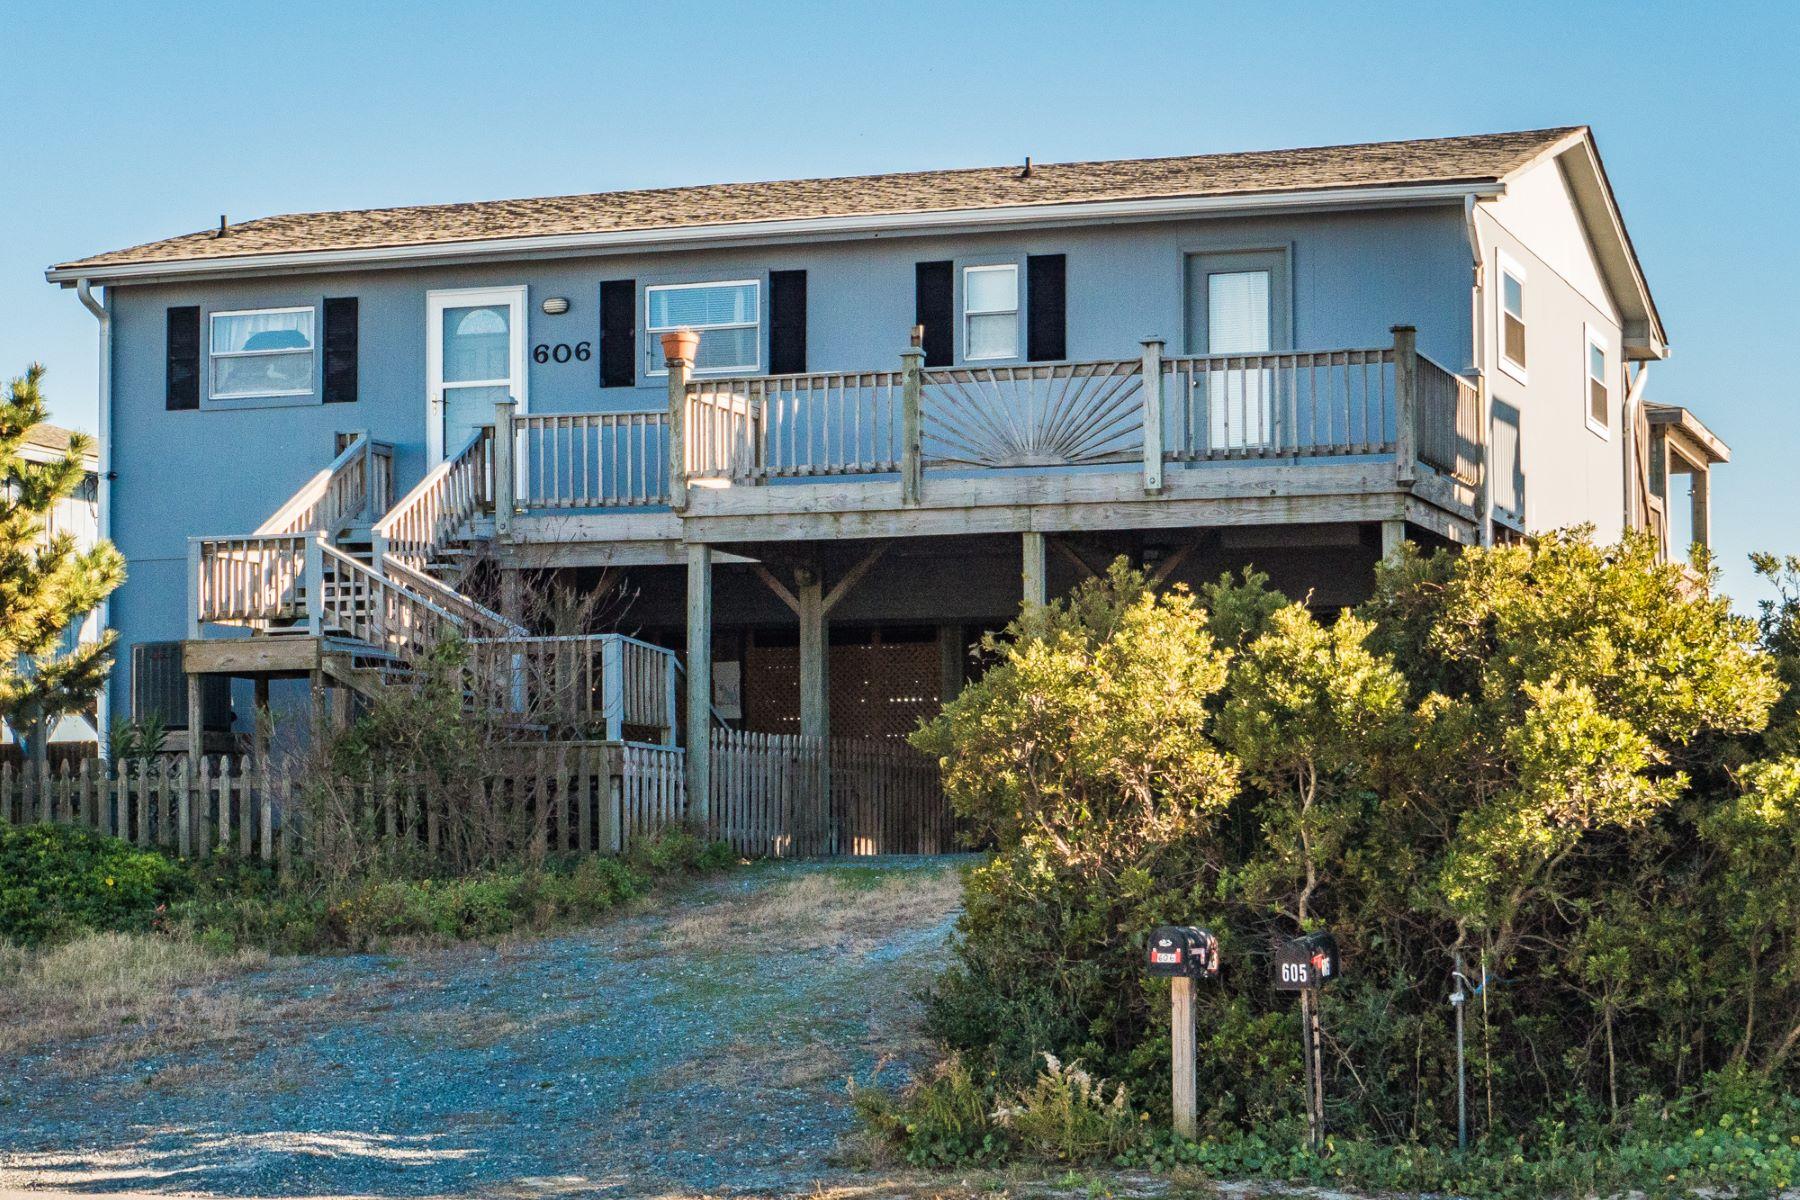 Moradia para Venda às Classic Topsail Beach Cottage 606 N Shore Drive Surf City, Carolina Do Norte, 28445 Estados Unidos